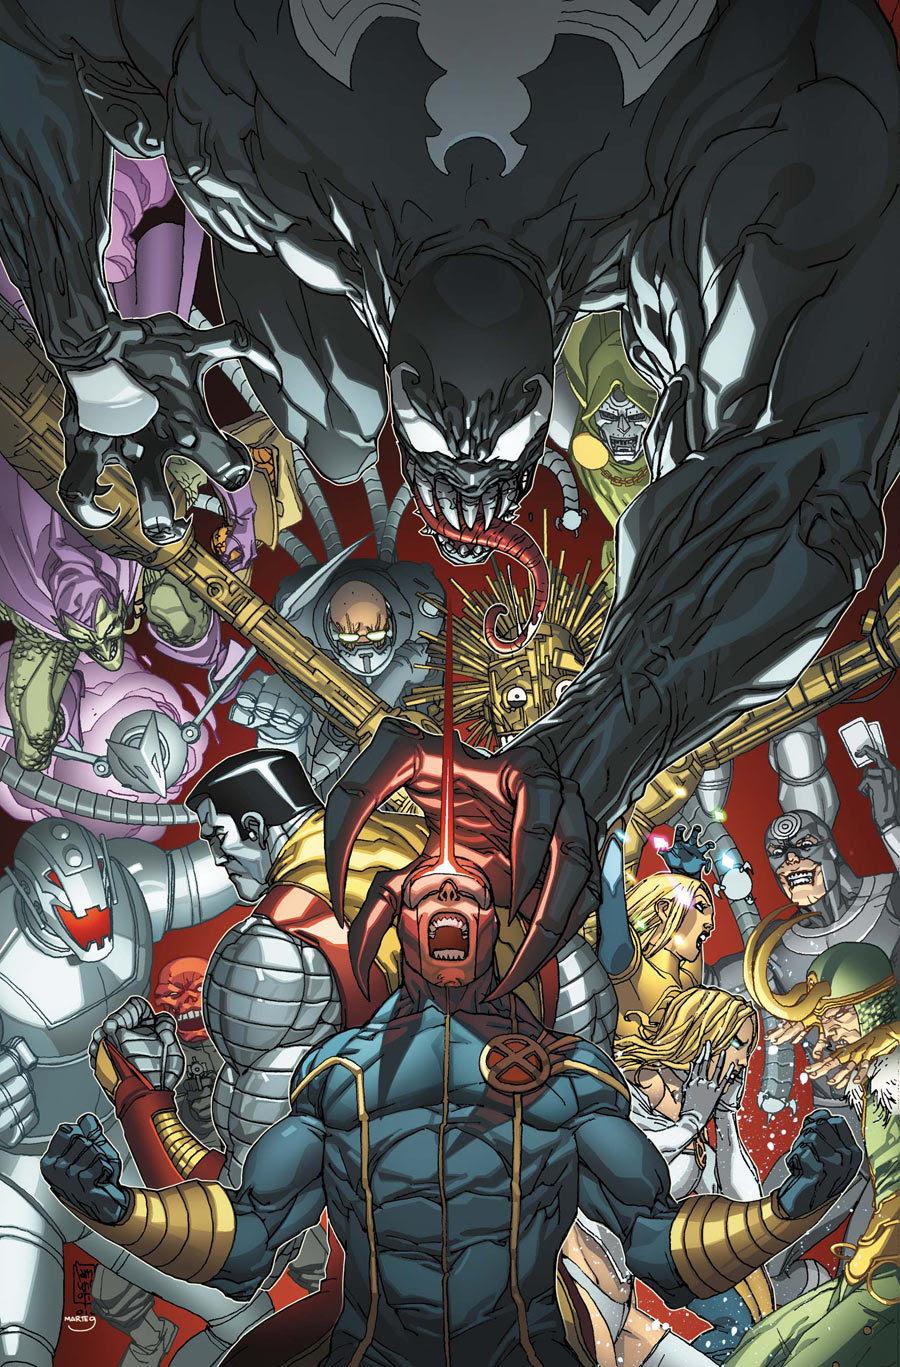 X-Men Vs Marvel Villains by Giuseppe Camuncoli